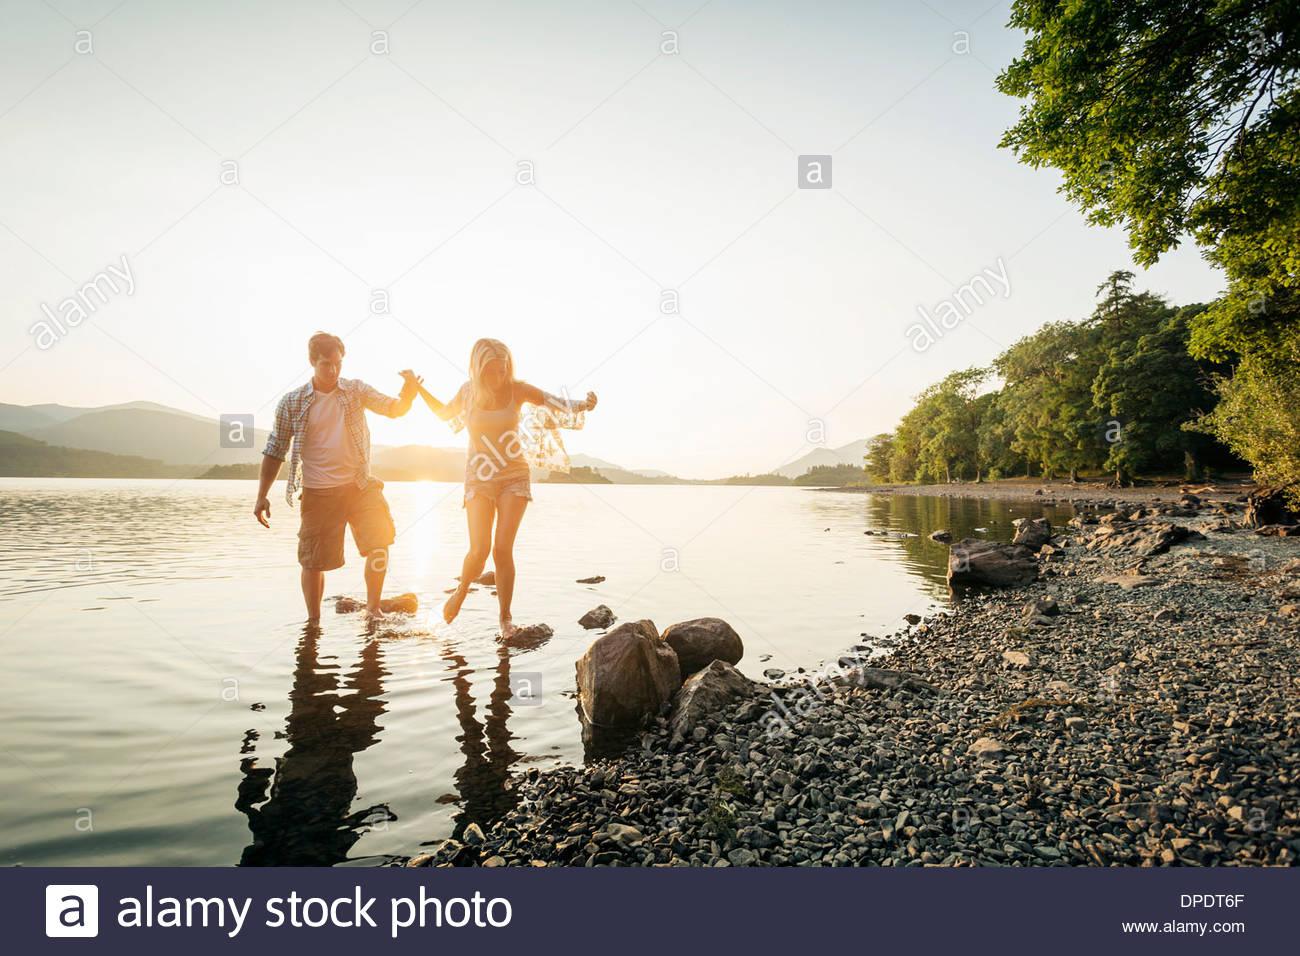 Young couple paddling in lake, Cumbria, England, UK - Stock Image